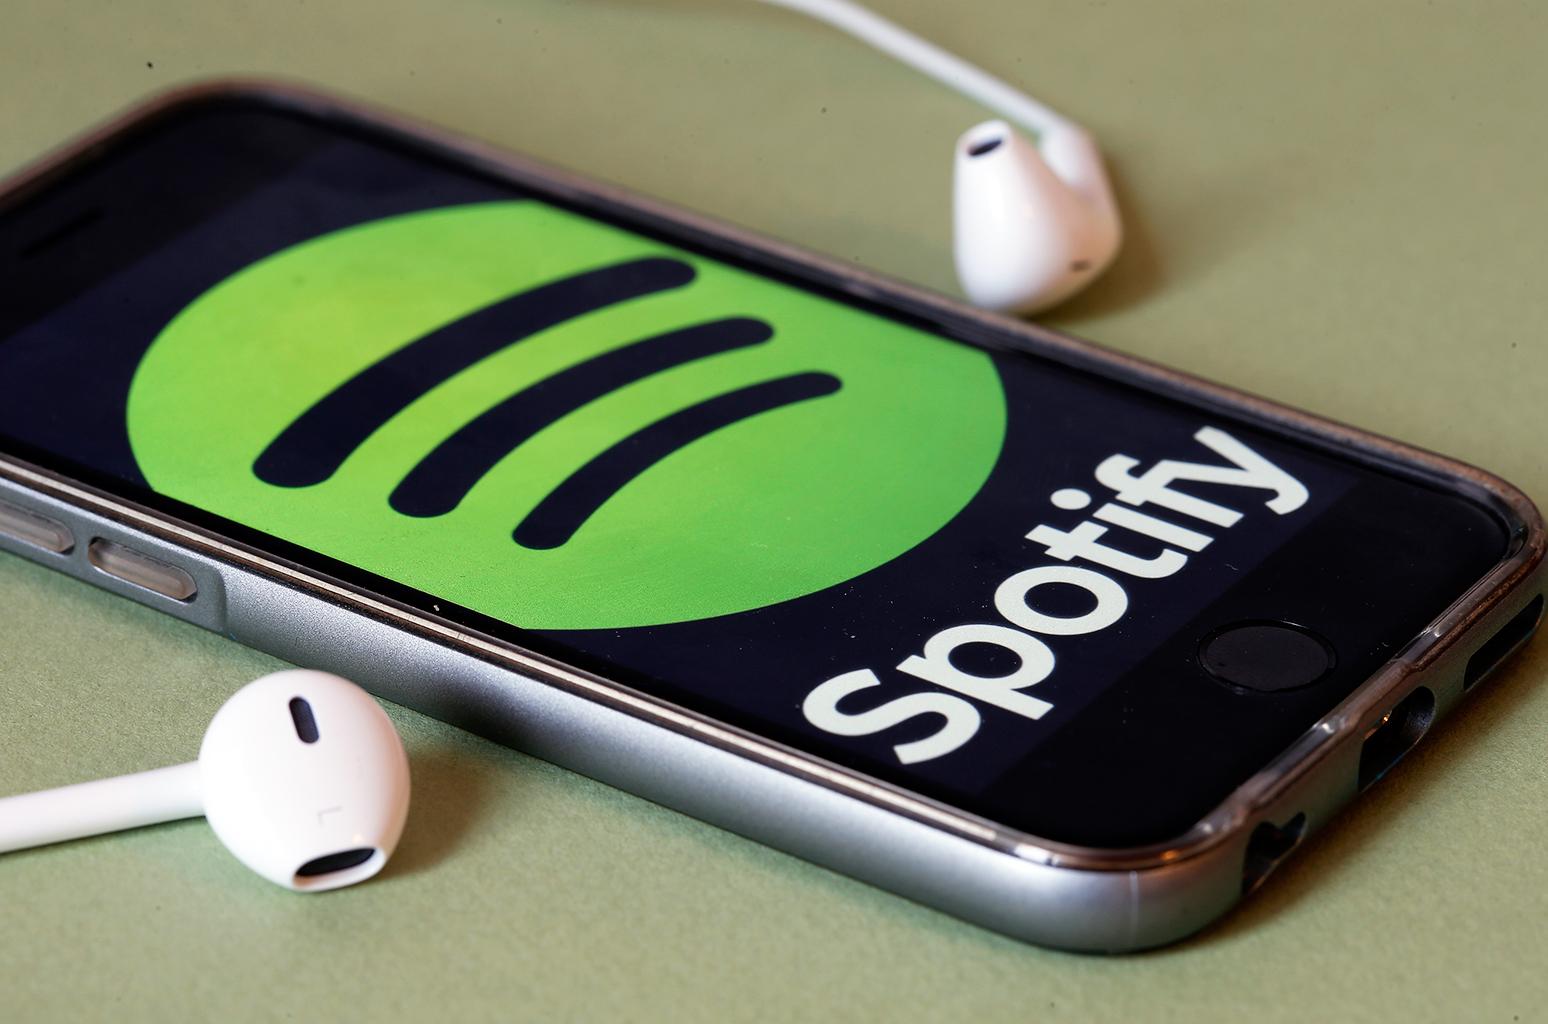 Twórcy niezależni mogą sami publikować utwory na Spotify